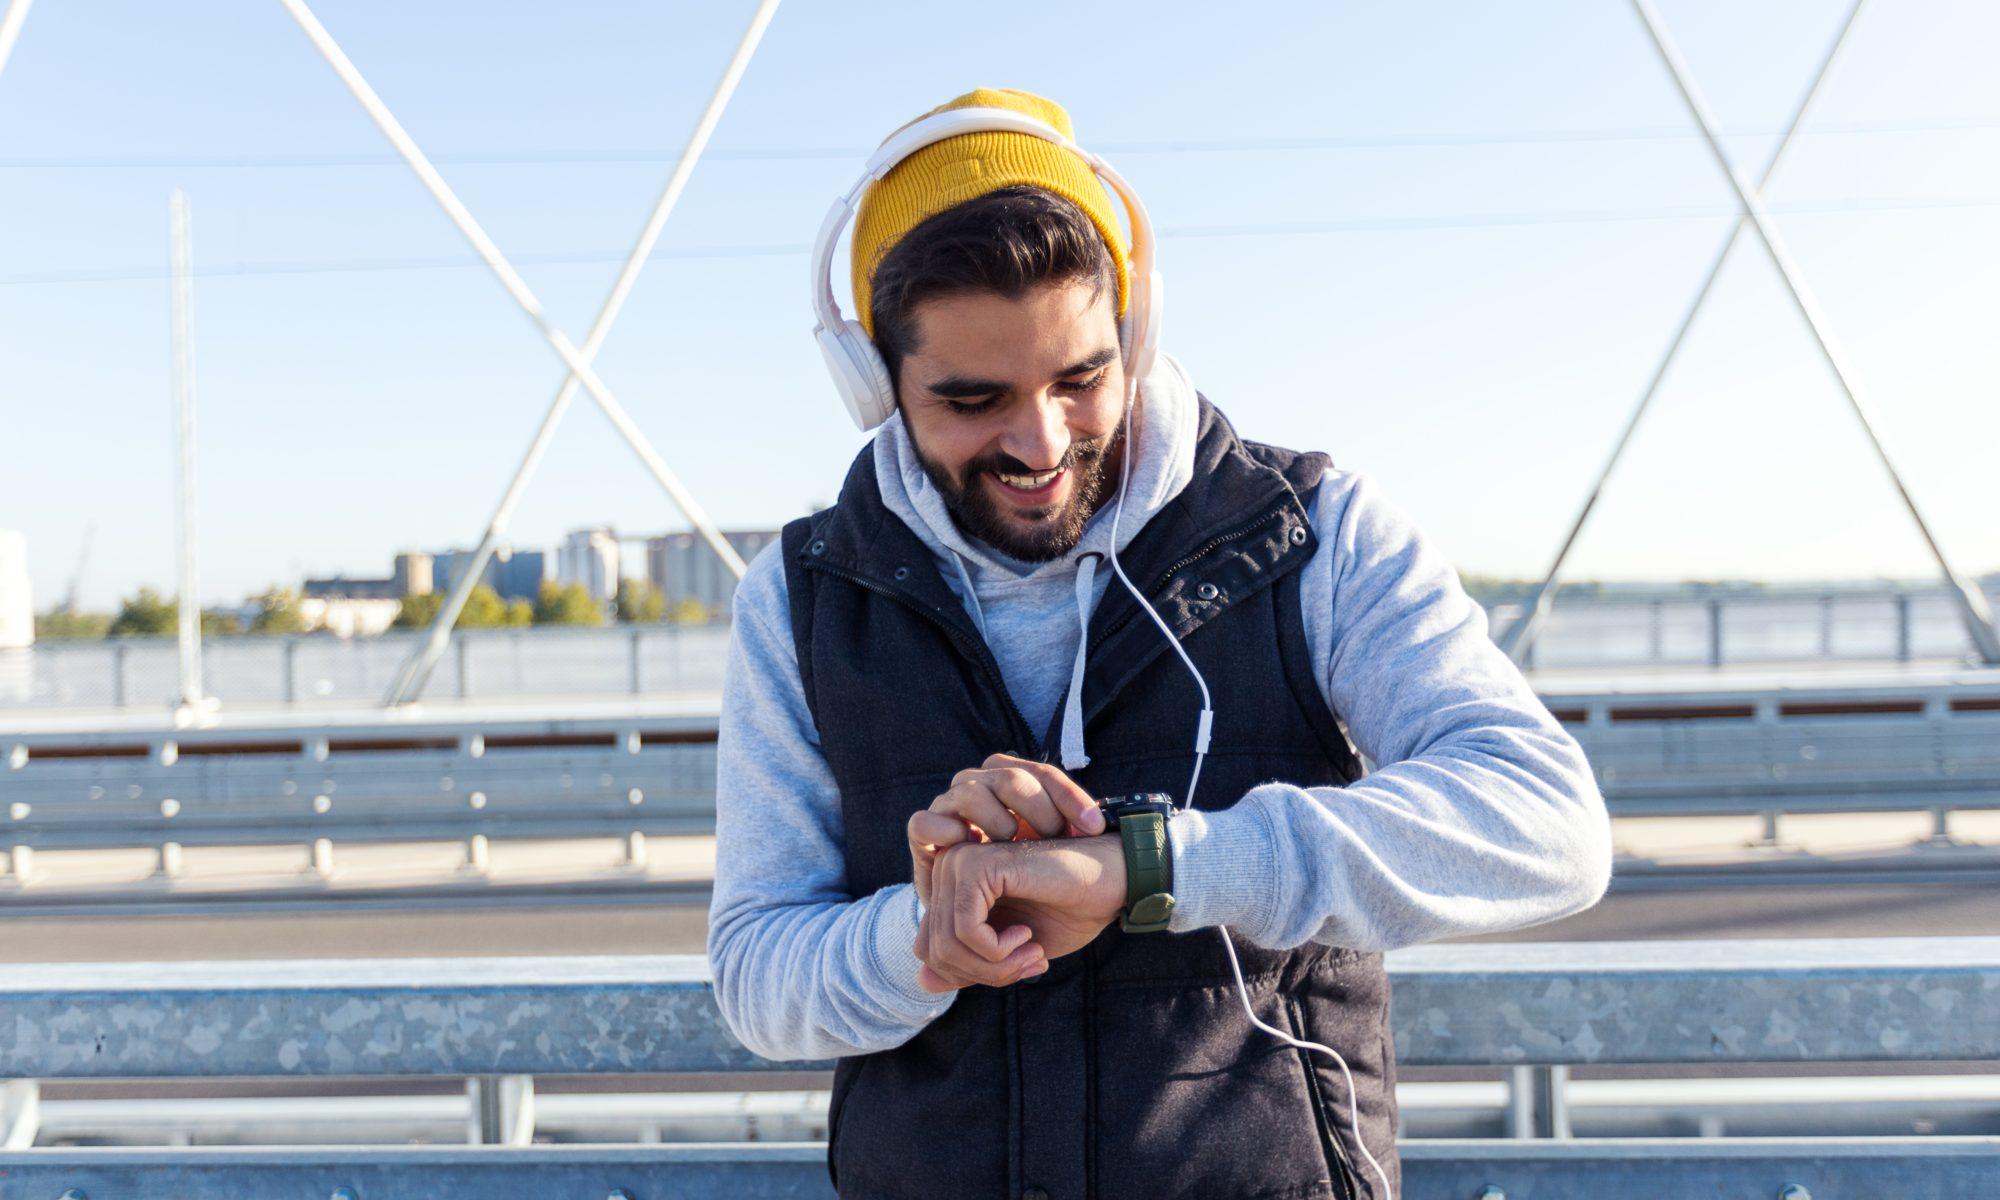 Mężczyzna ze smartwatchem na ręku na zimowym treningu